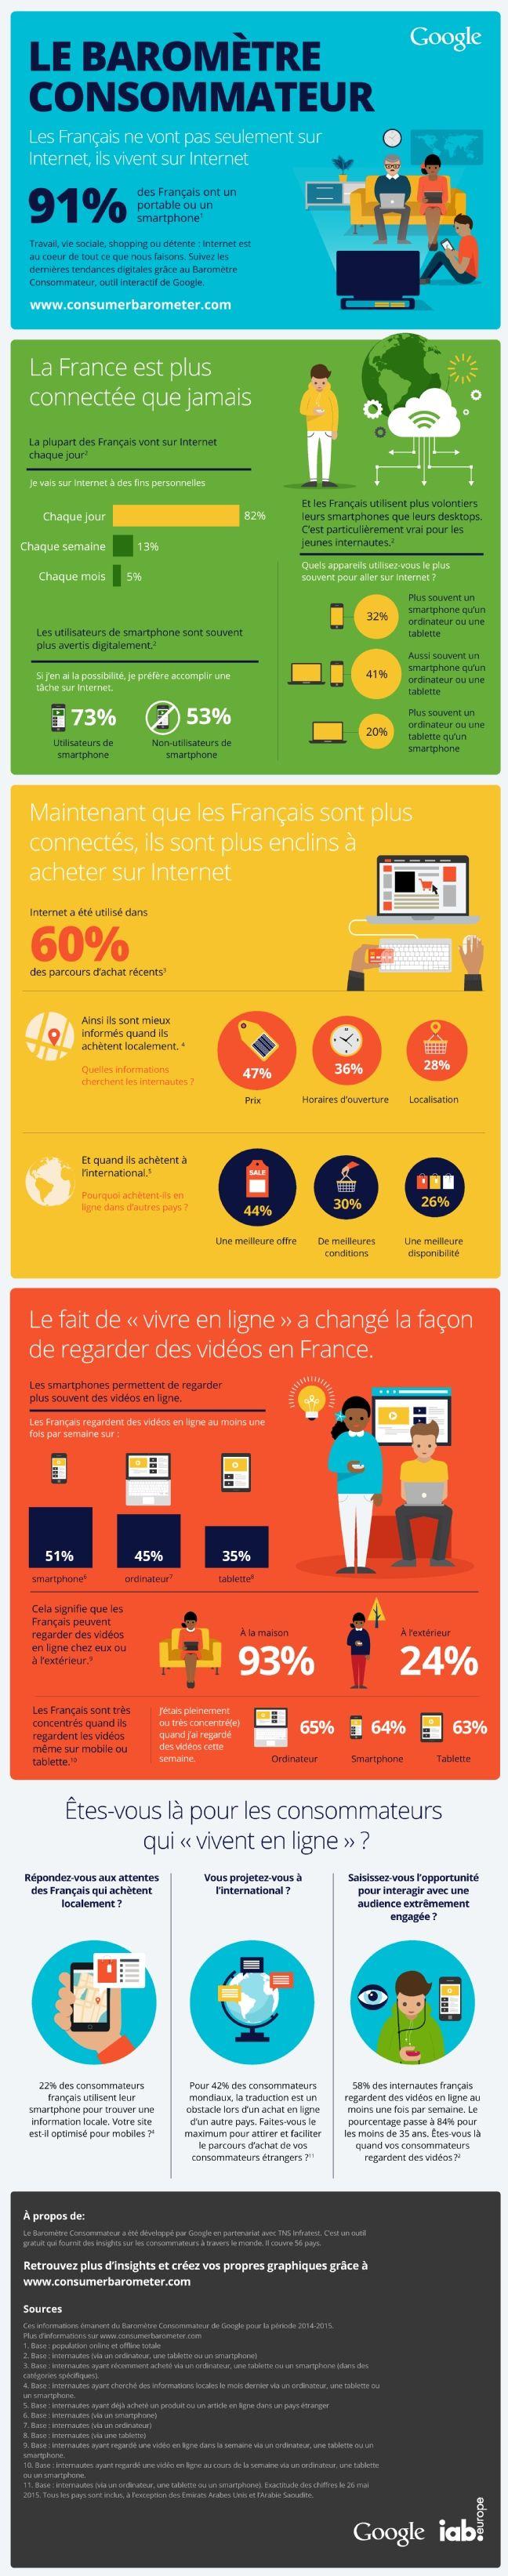 Google et TNS Infratest publient les résultats du Baromètre 2015 sur les tendances de consommation en France. Retrouvez dans cette infographie les données les plus pertinentes.